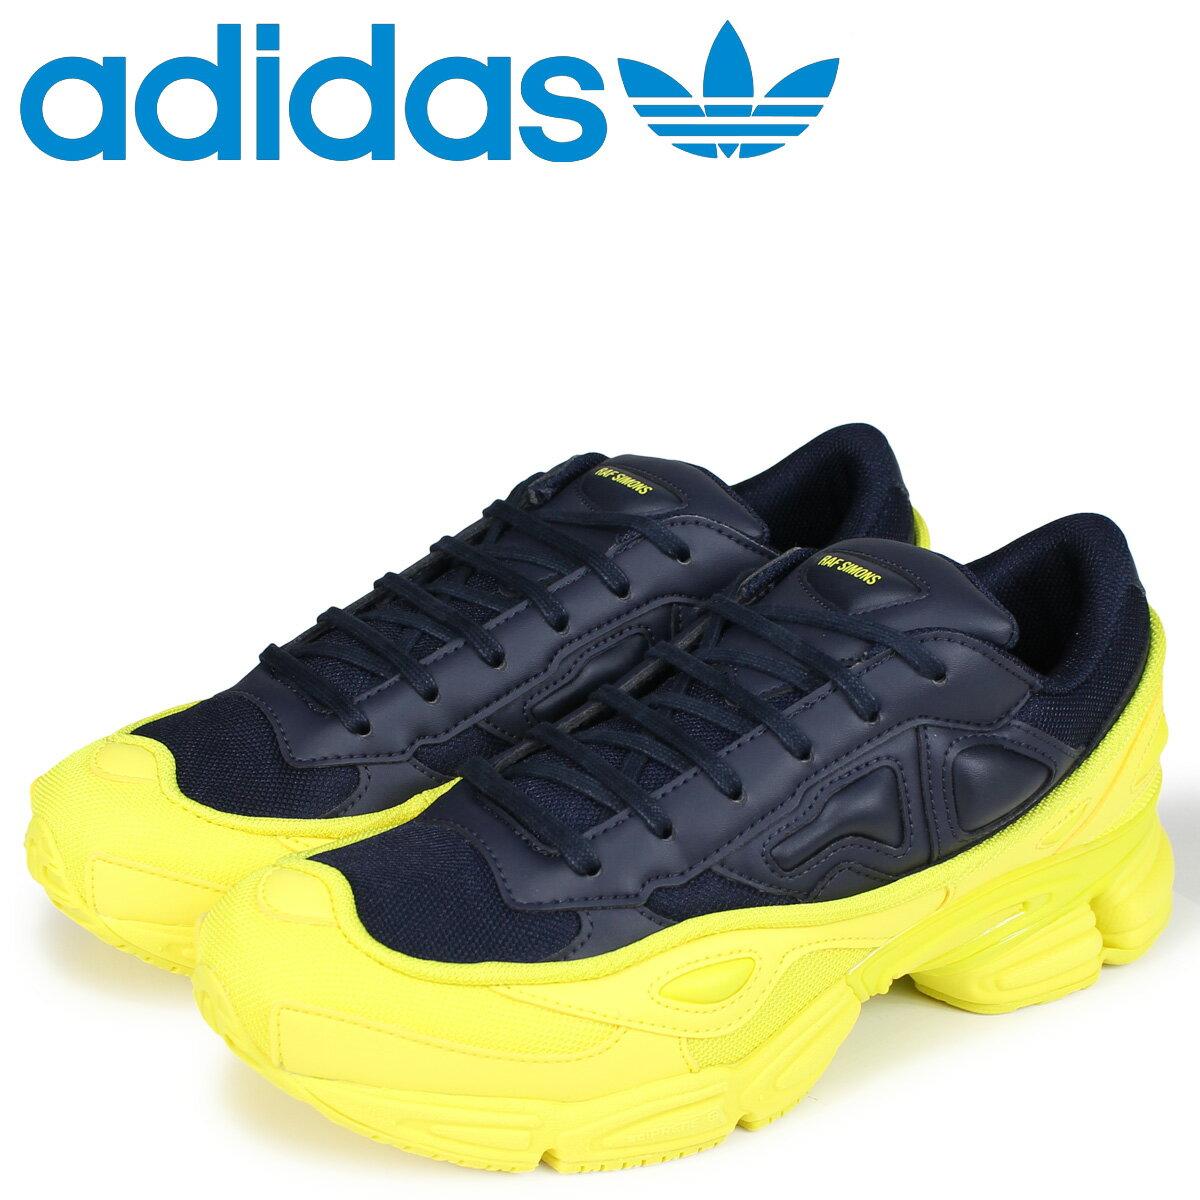 メンズ靴, スニーカー 1000OFF adidas Originals RAF SIMONS RSOZWEEGO F34267